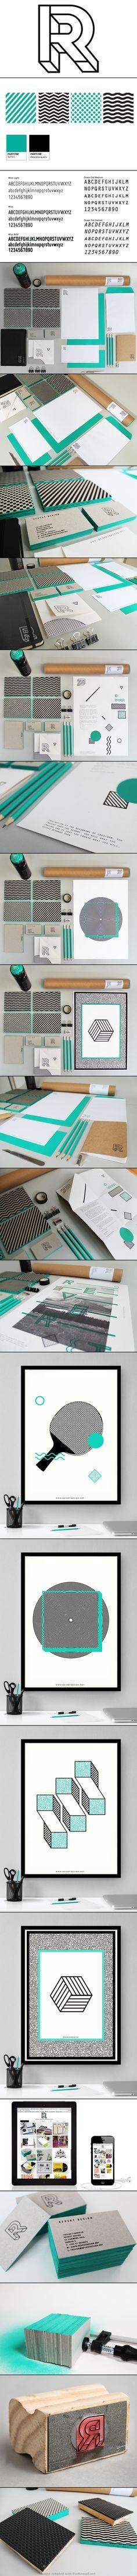 revert resign | branding | identity | art direction | typography | pattern